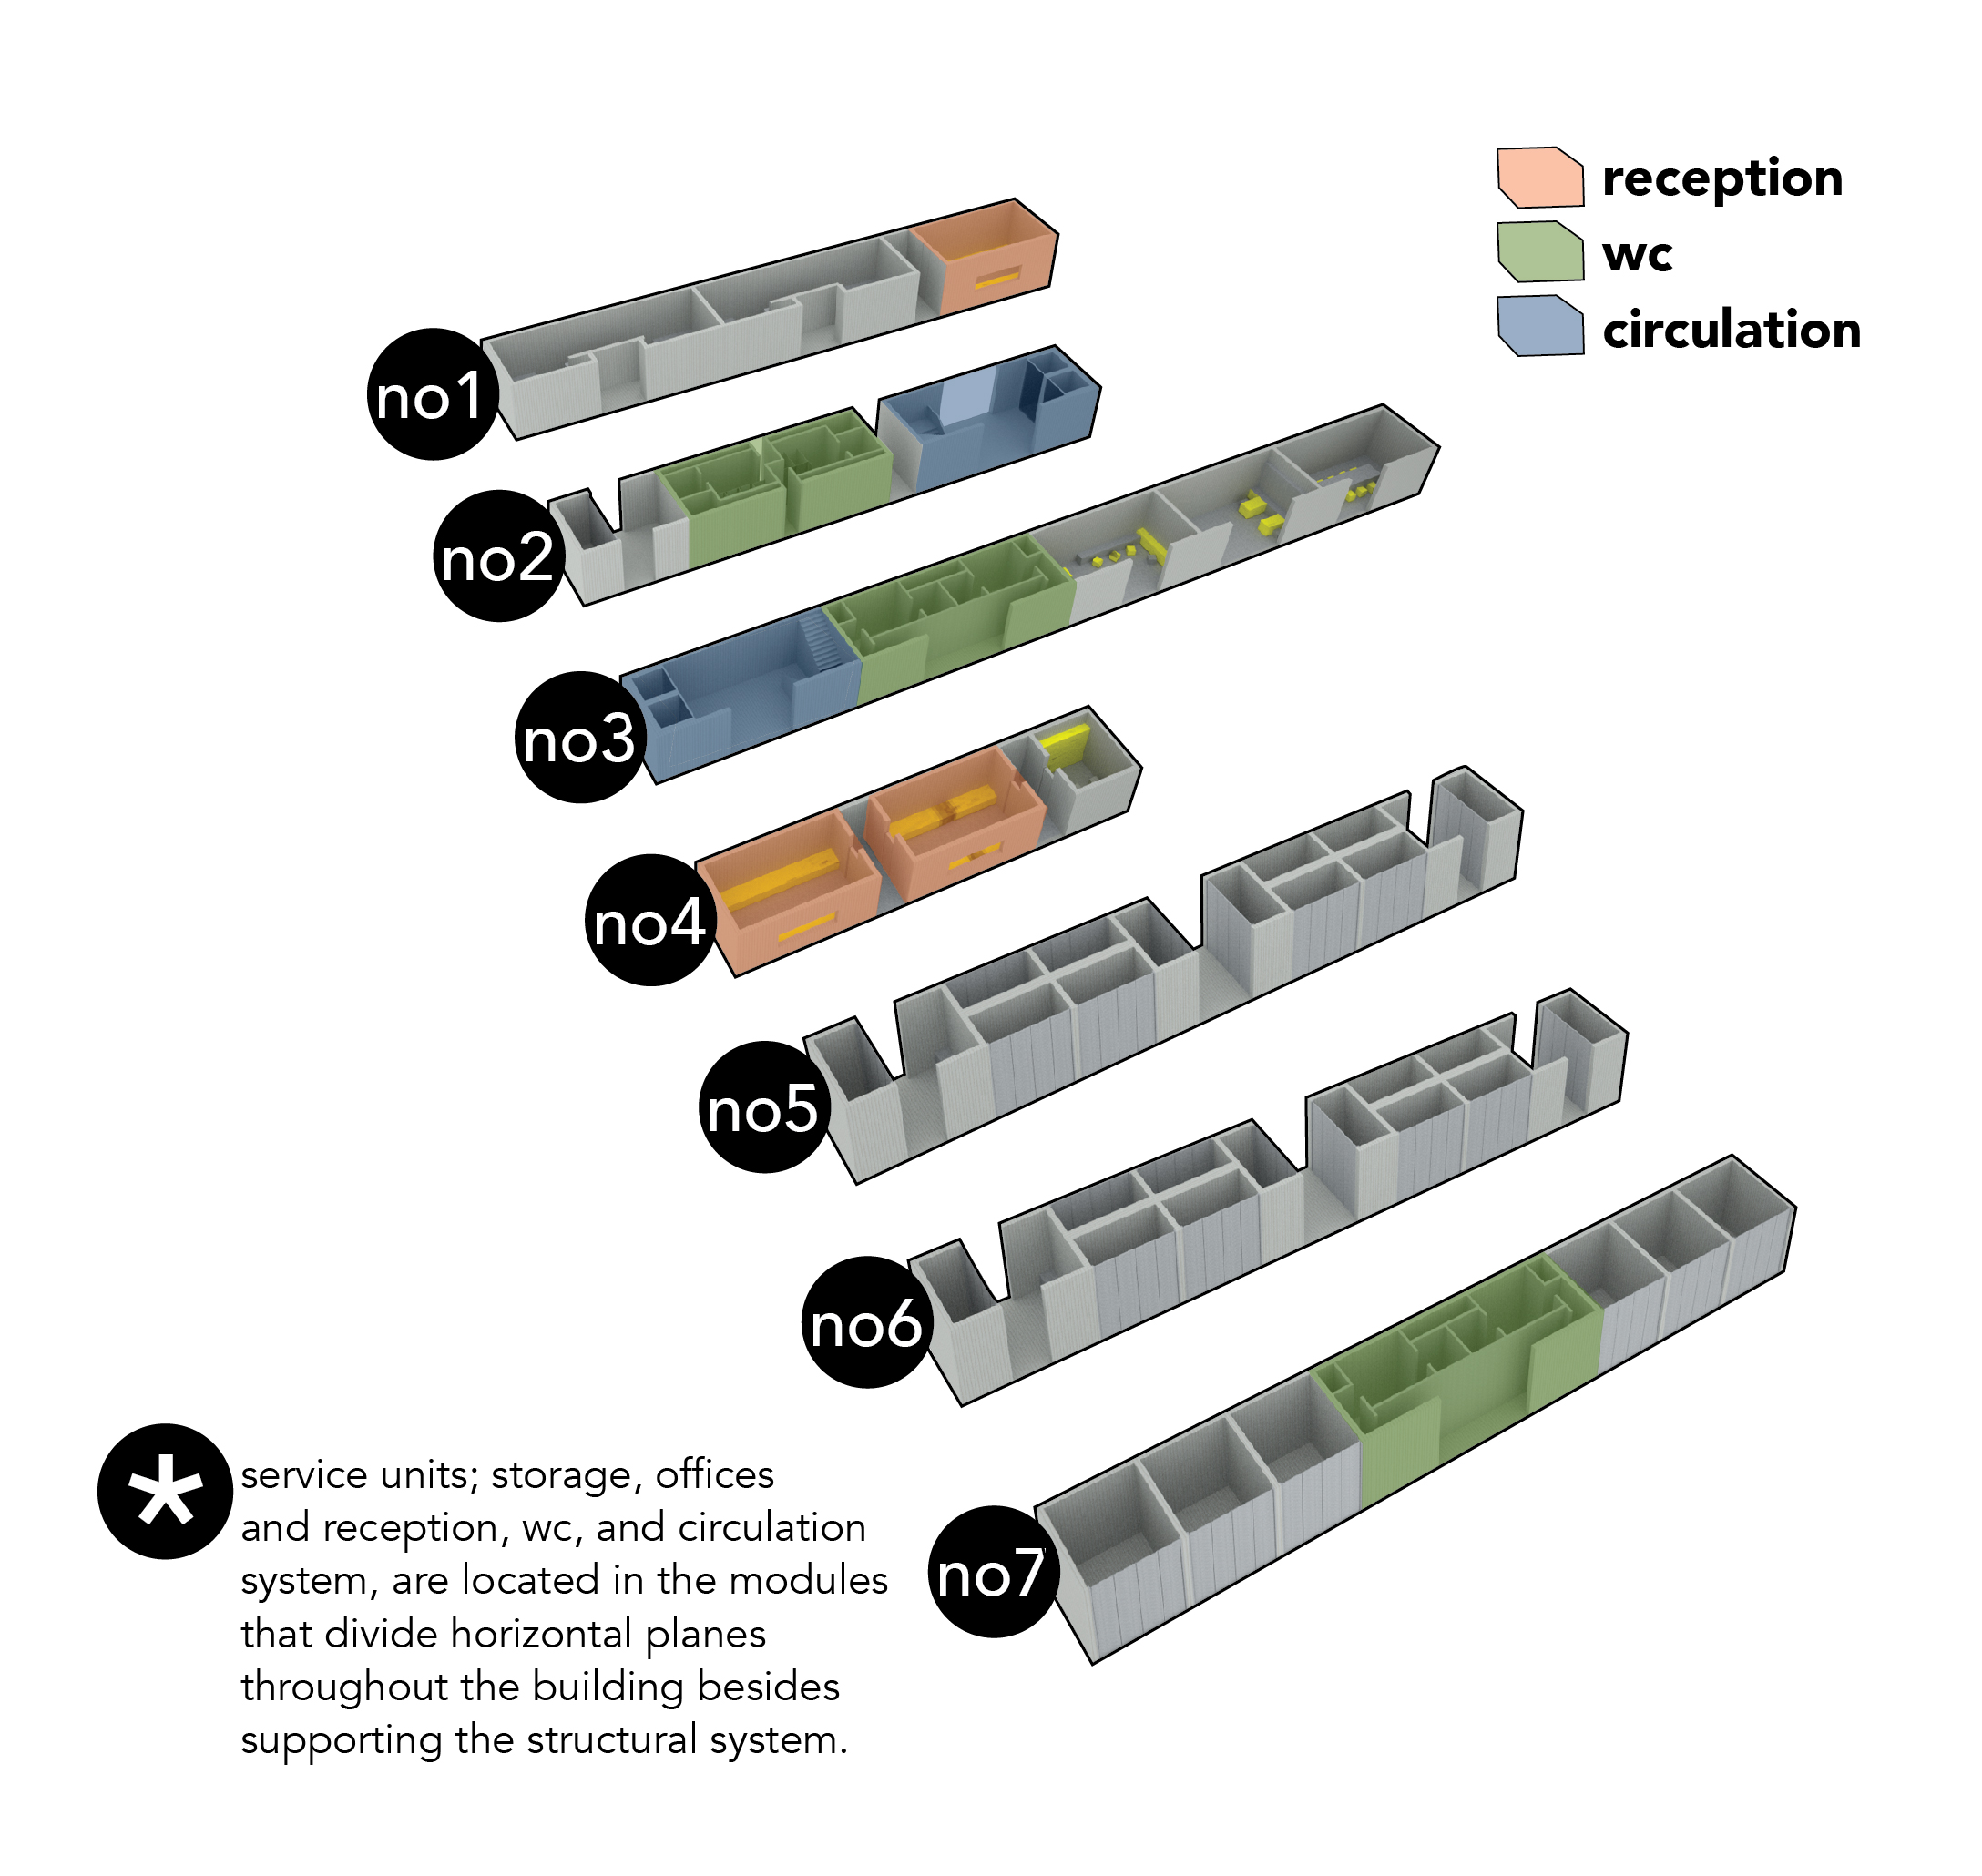 effectus-diagram-06.jpg